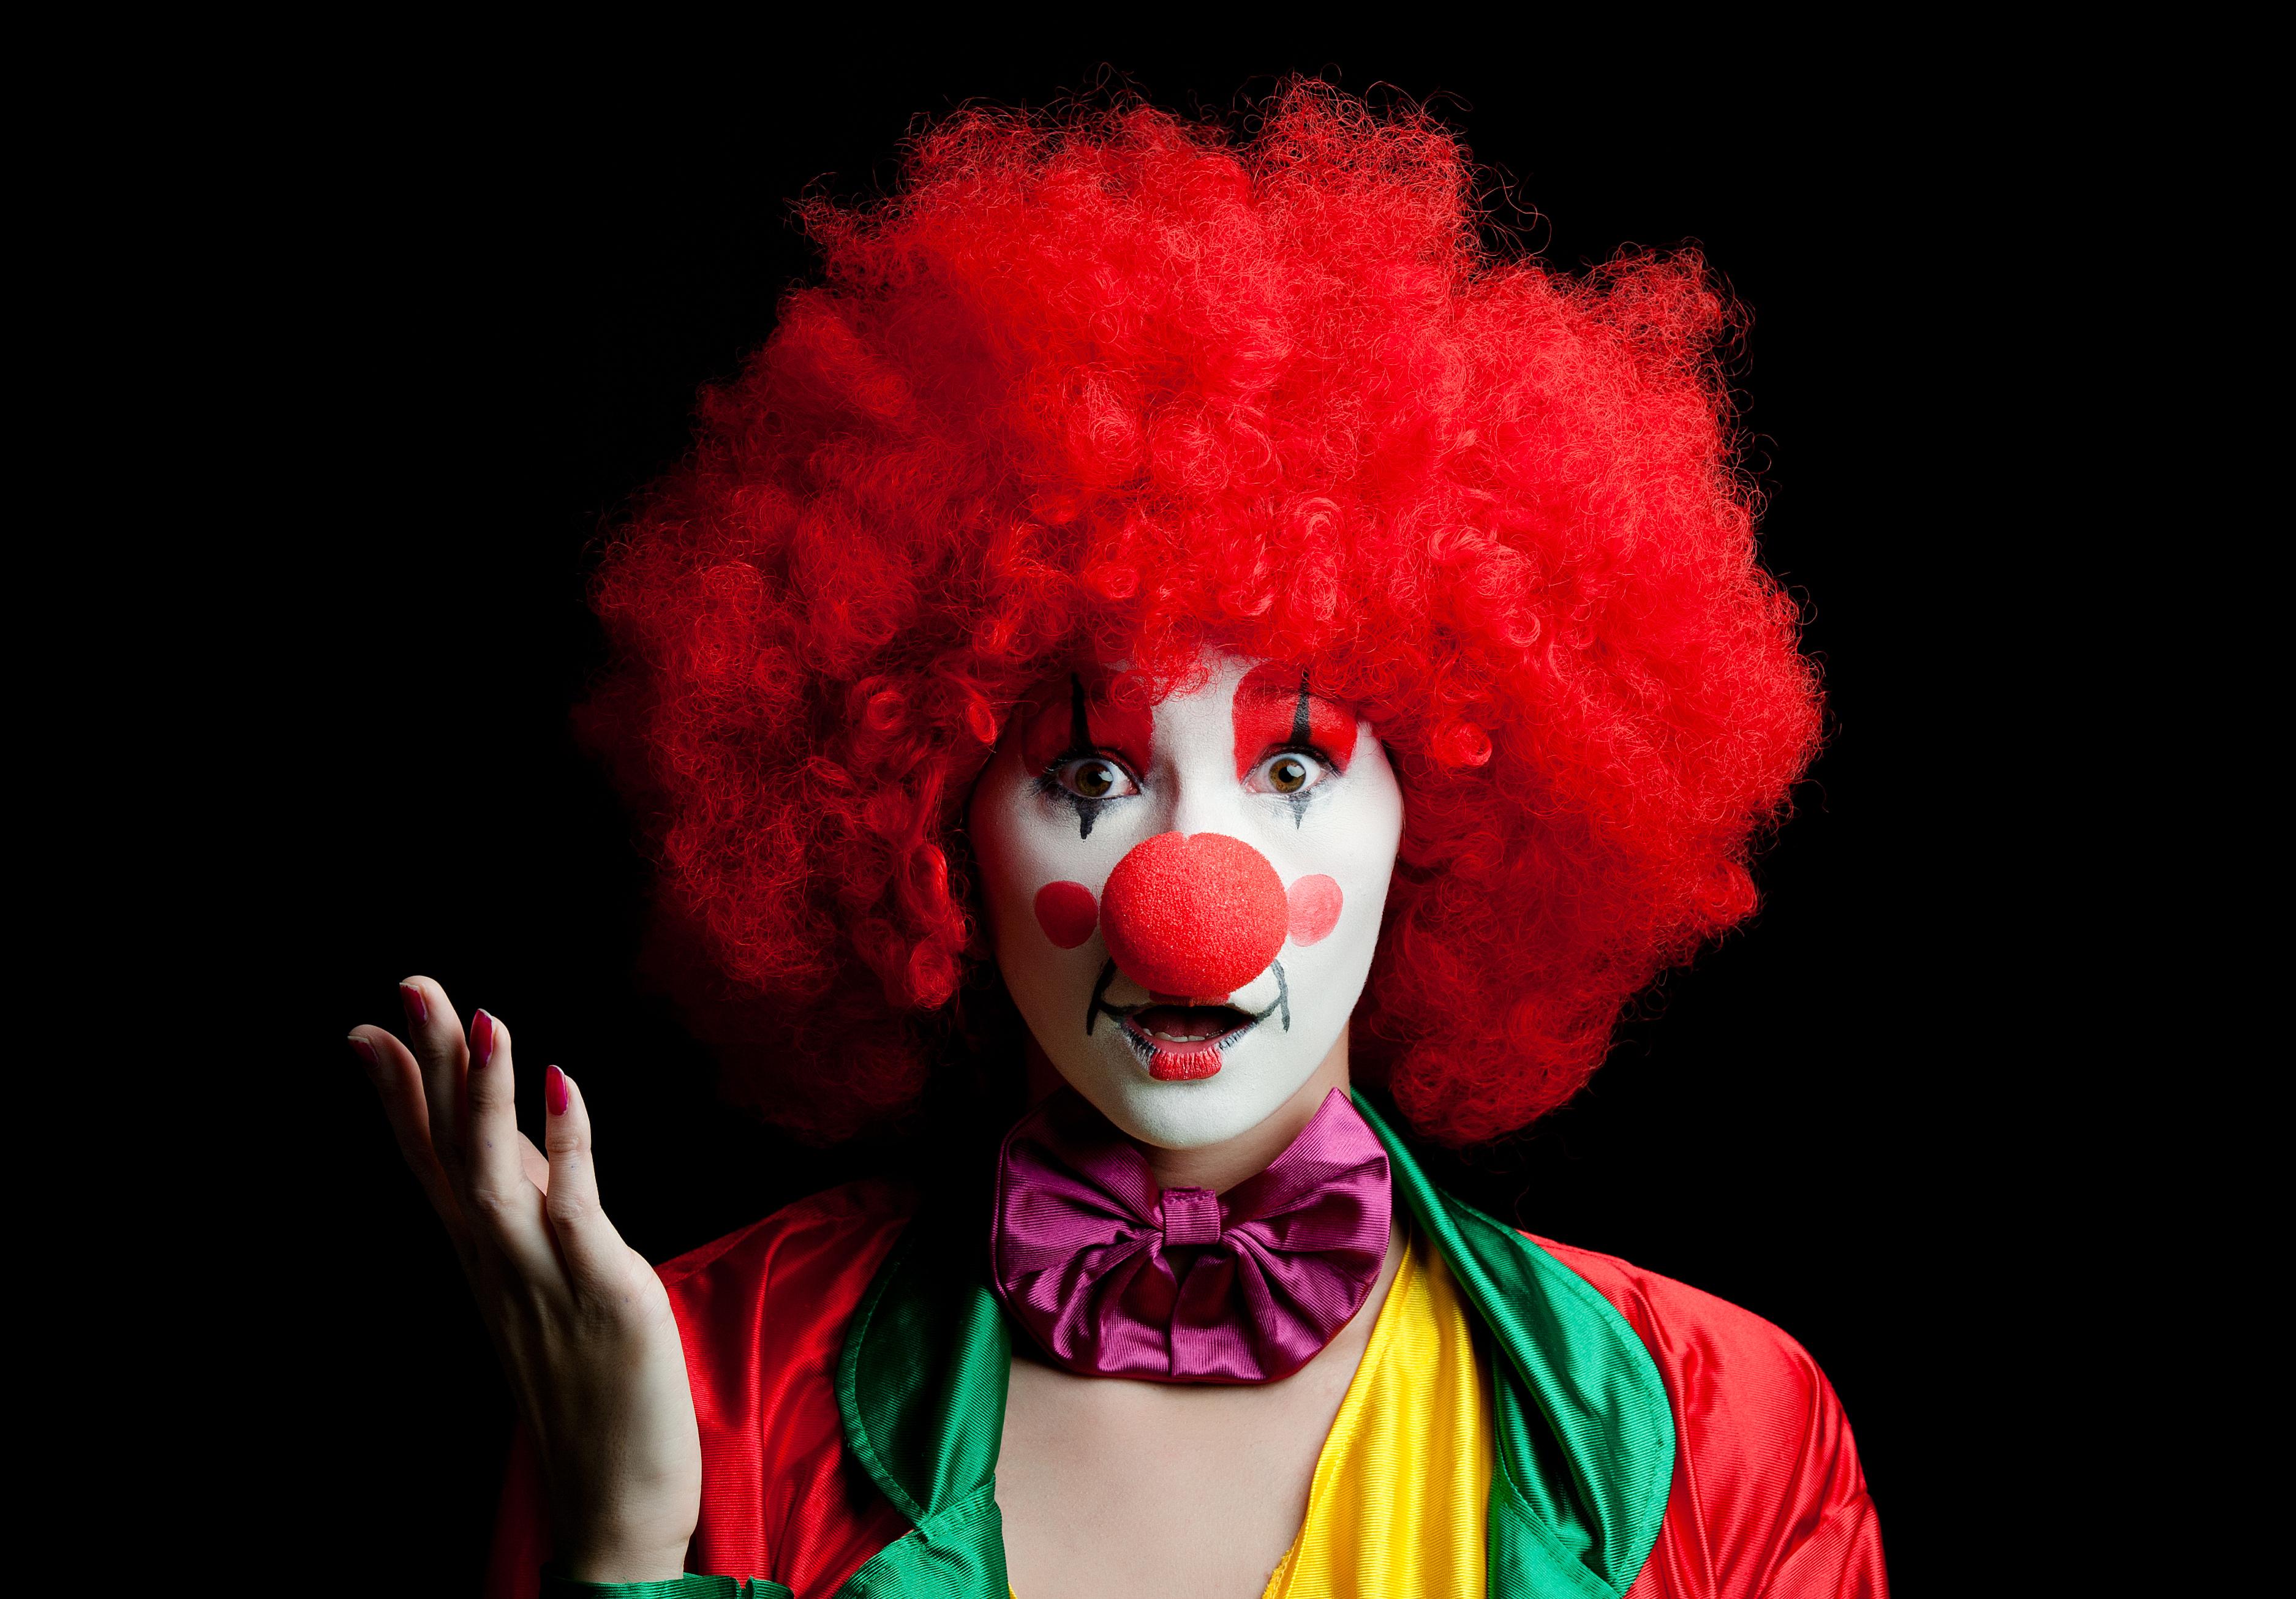 фото красивых клоунов обошлось без вкусных